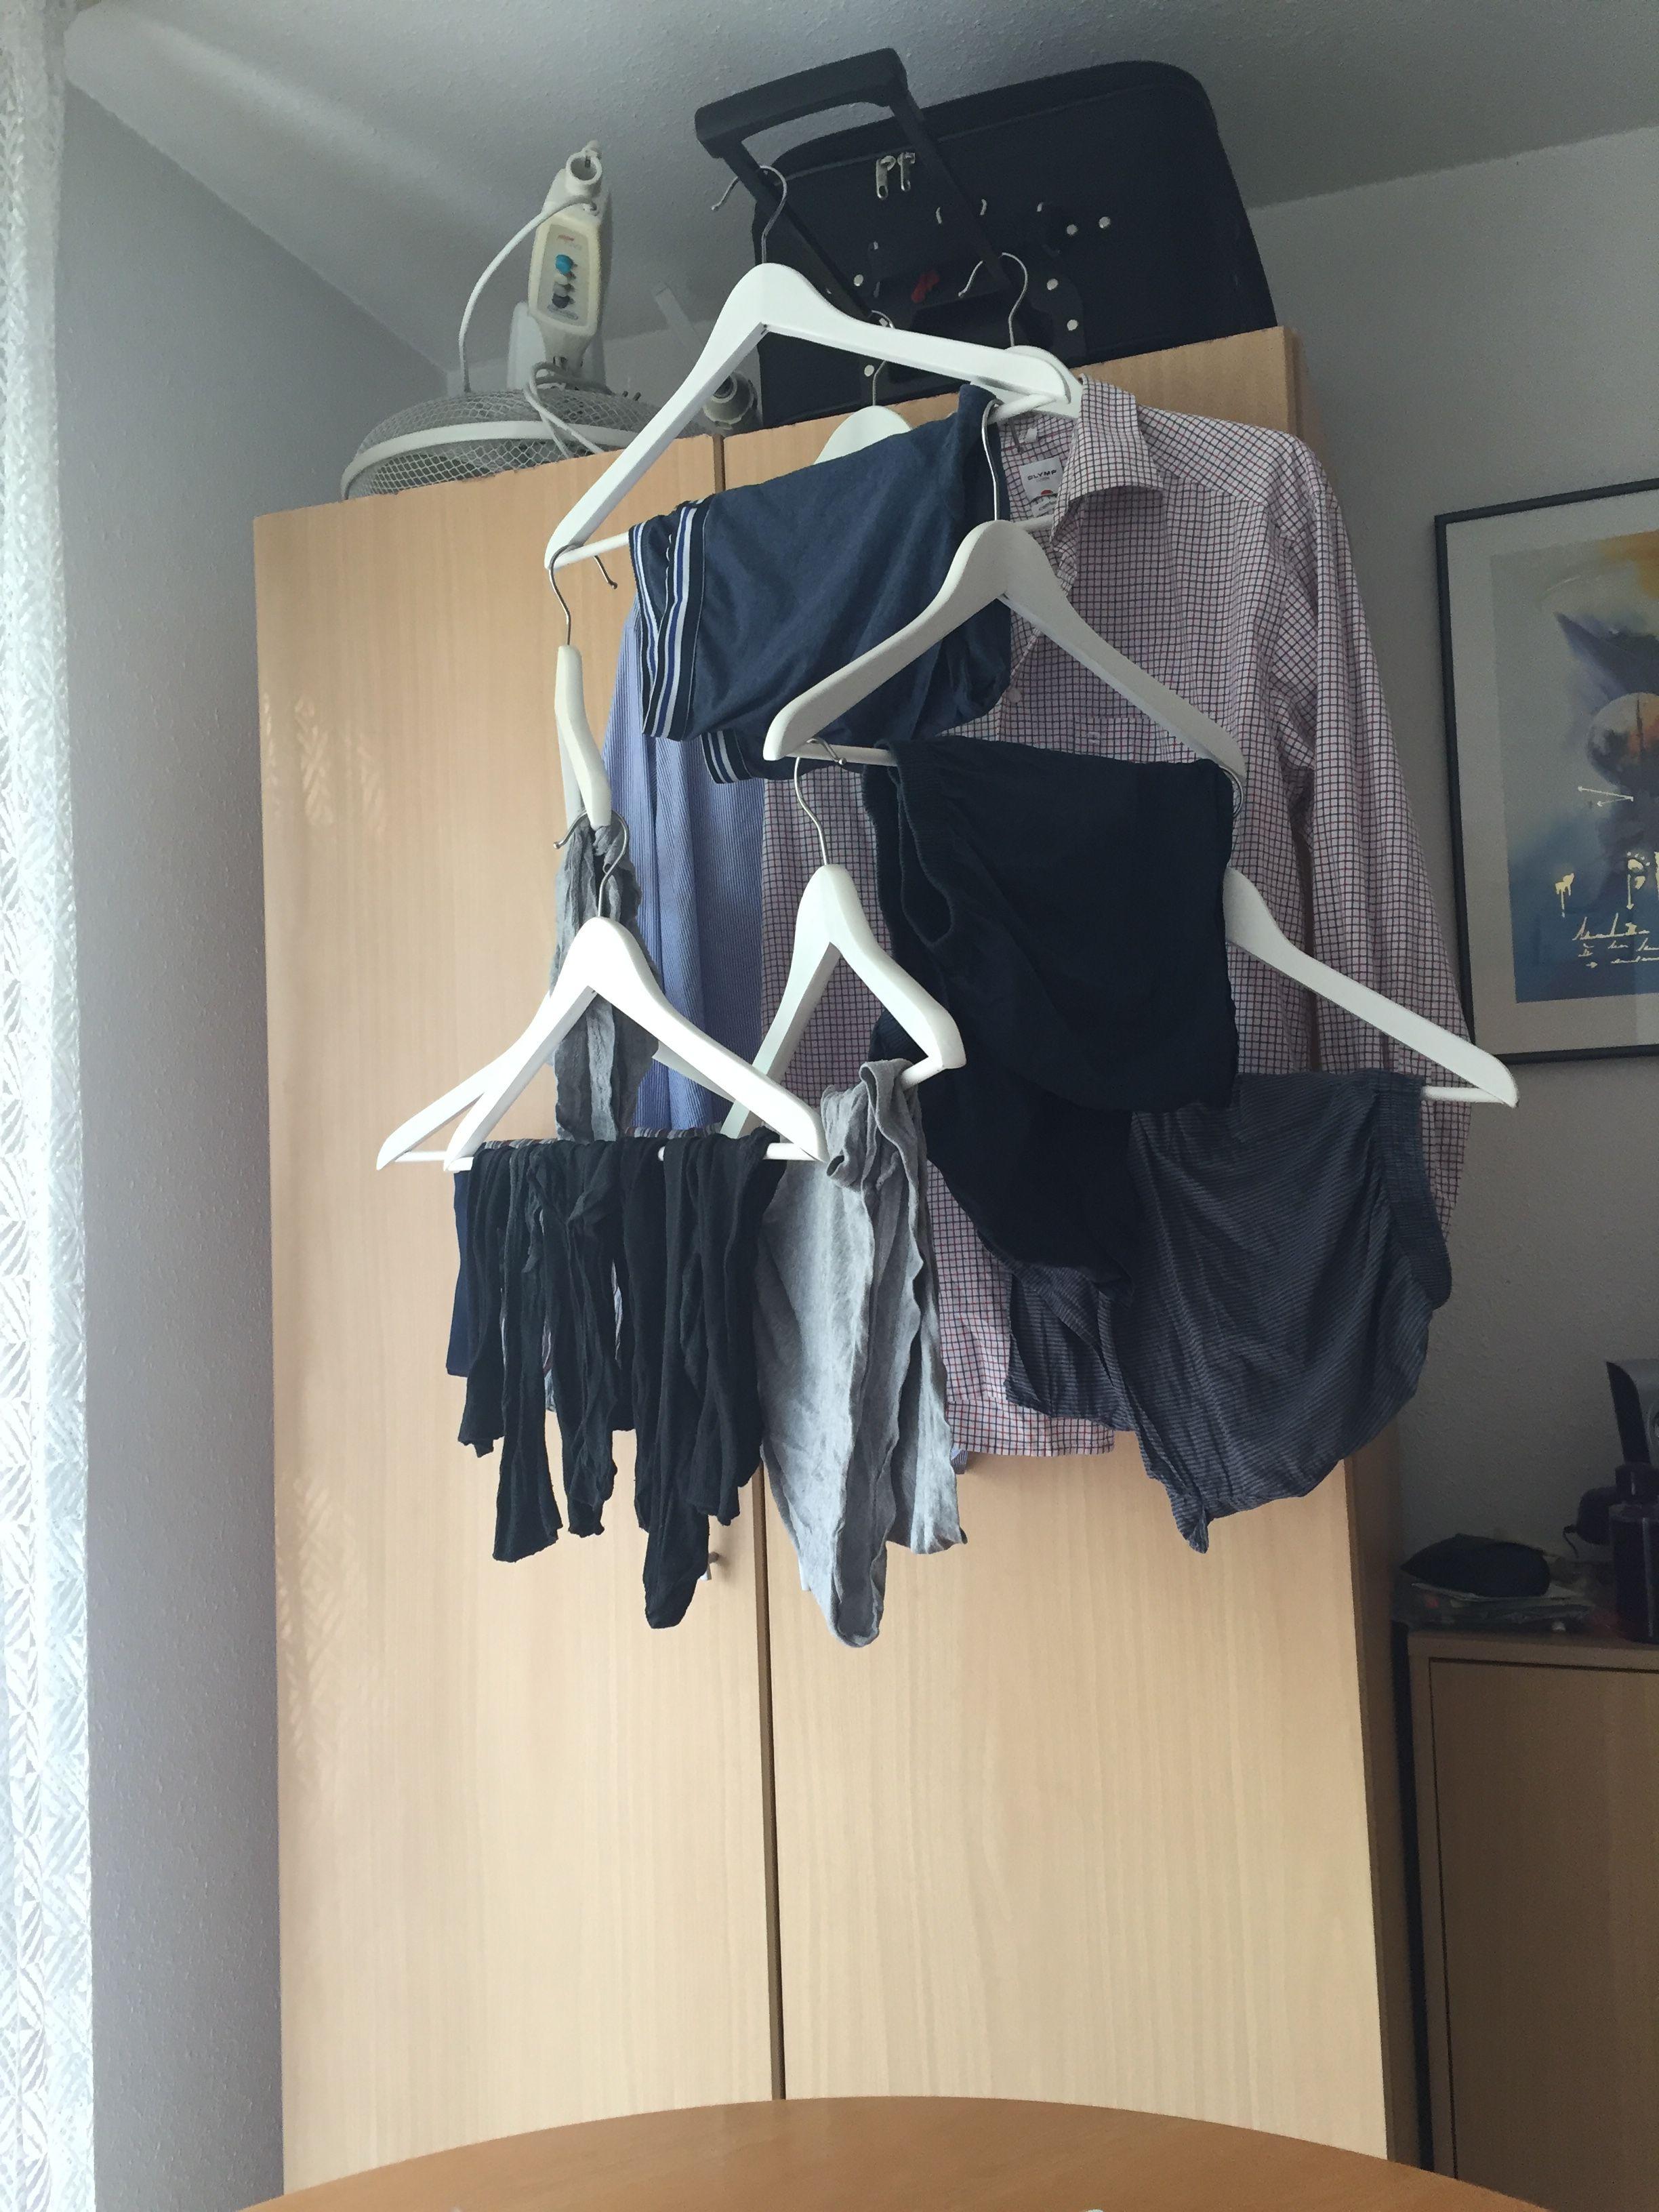 kleider aufhängen auf reisen | kleider, ideen, aufhängen